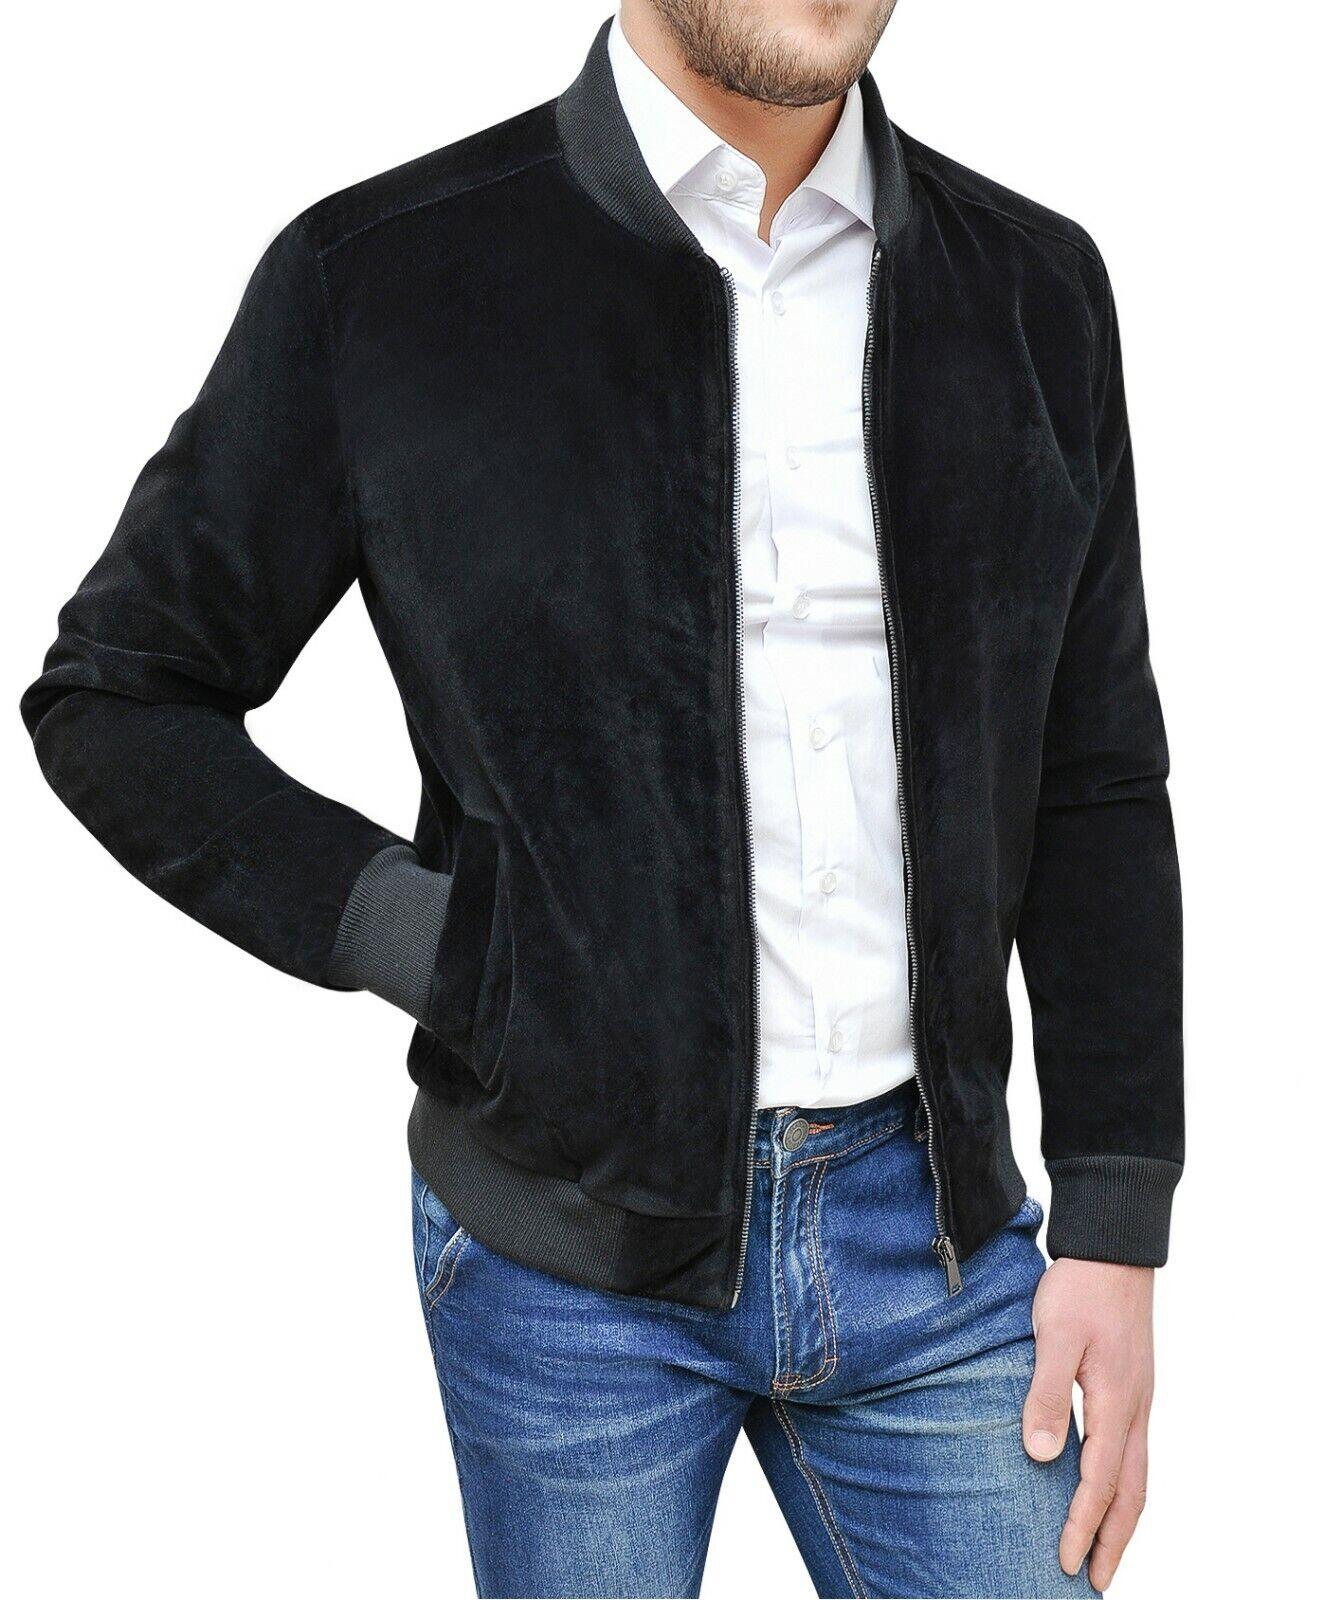 Mantel Jacke Herren Winter Schwarz Slim Fit Wildleder Größe S M L XL XXL